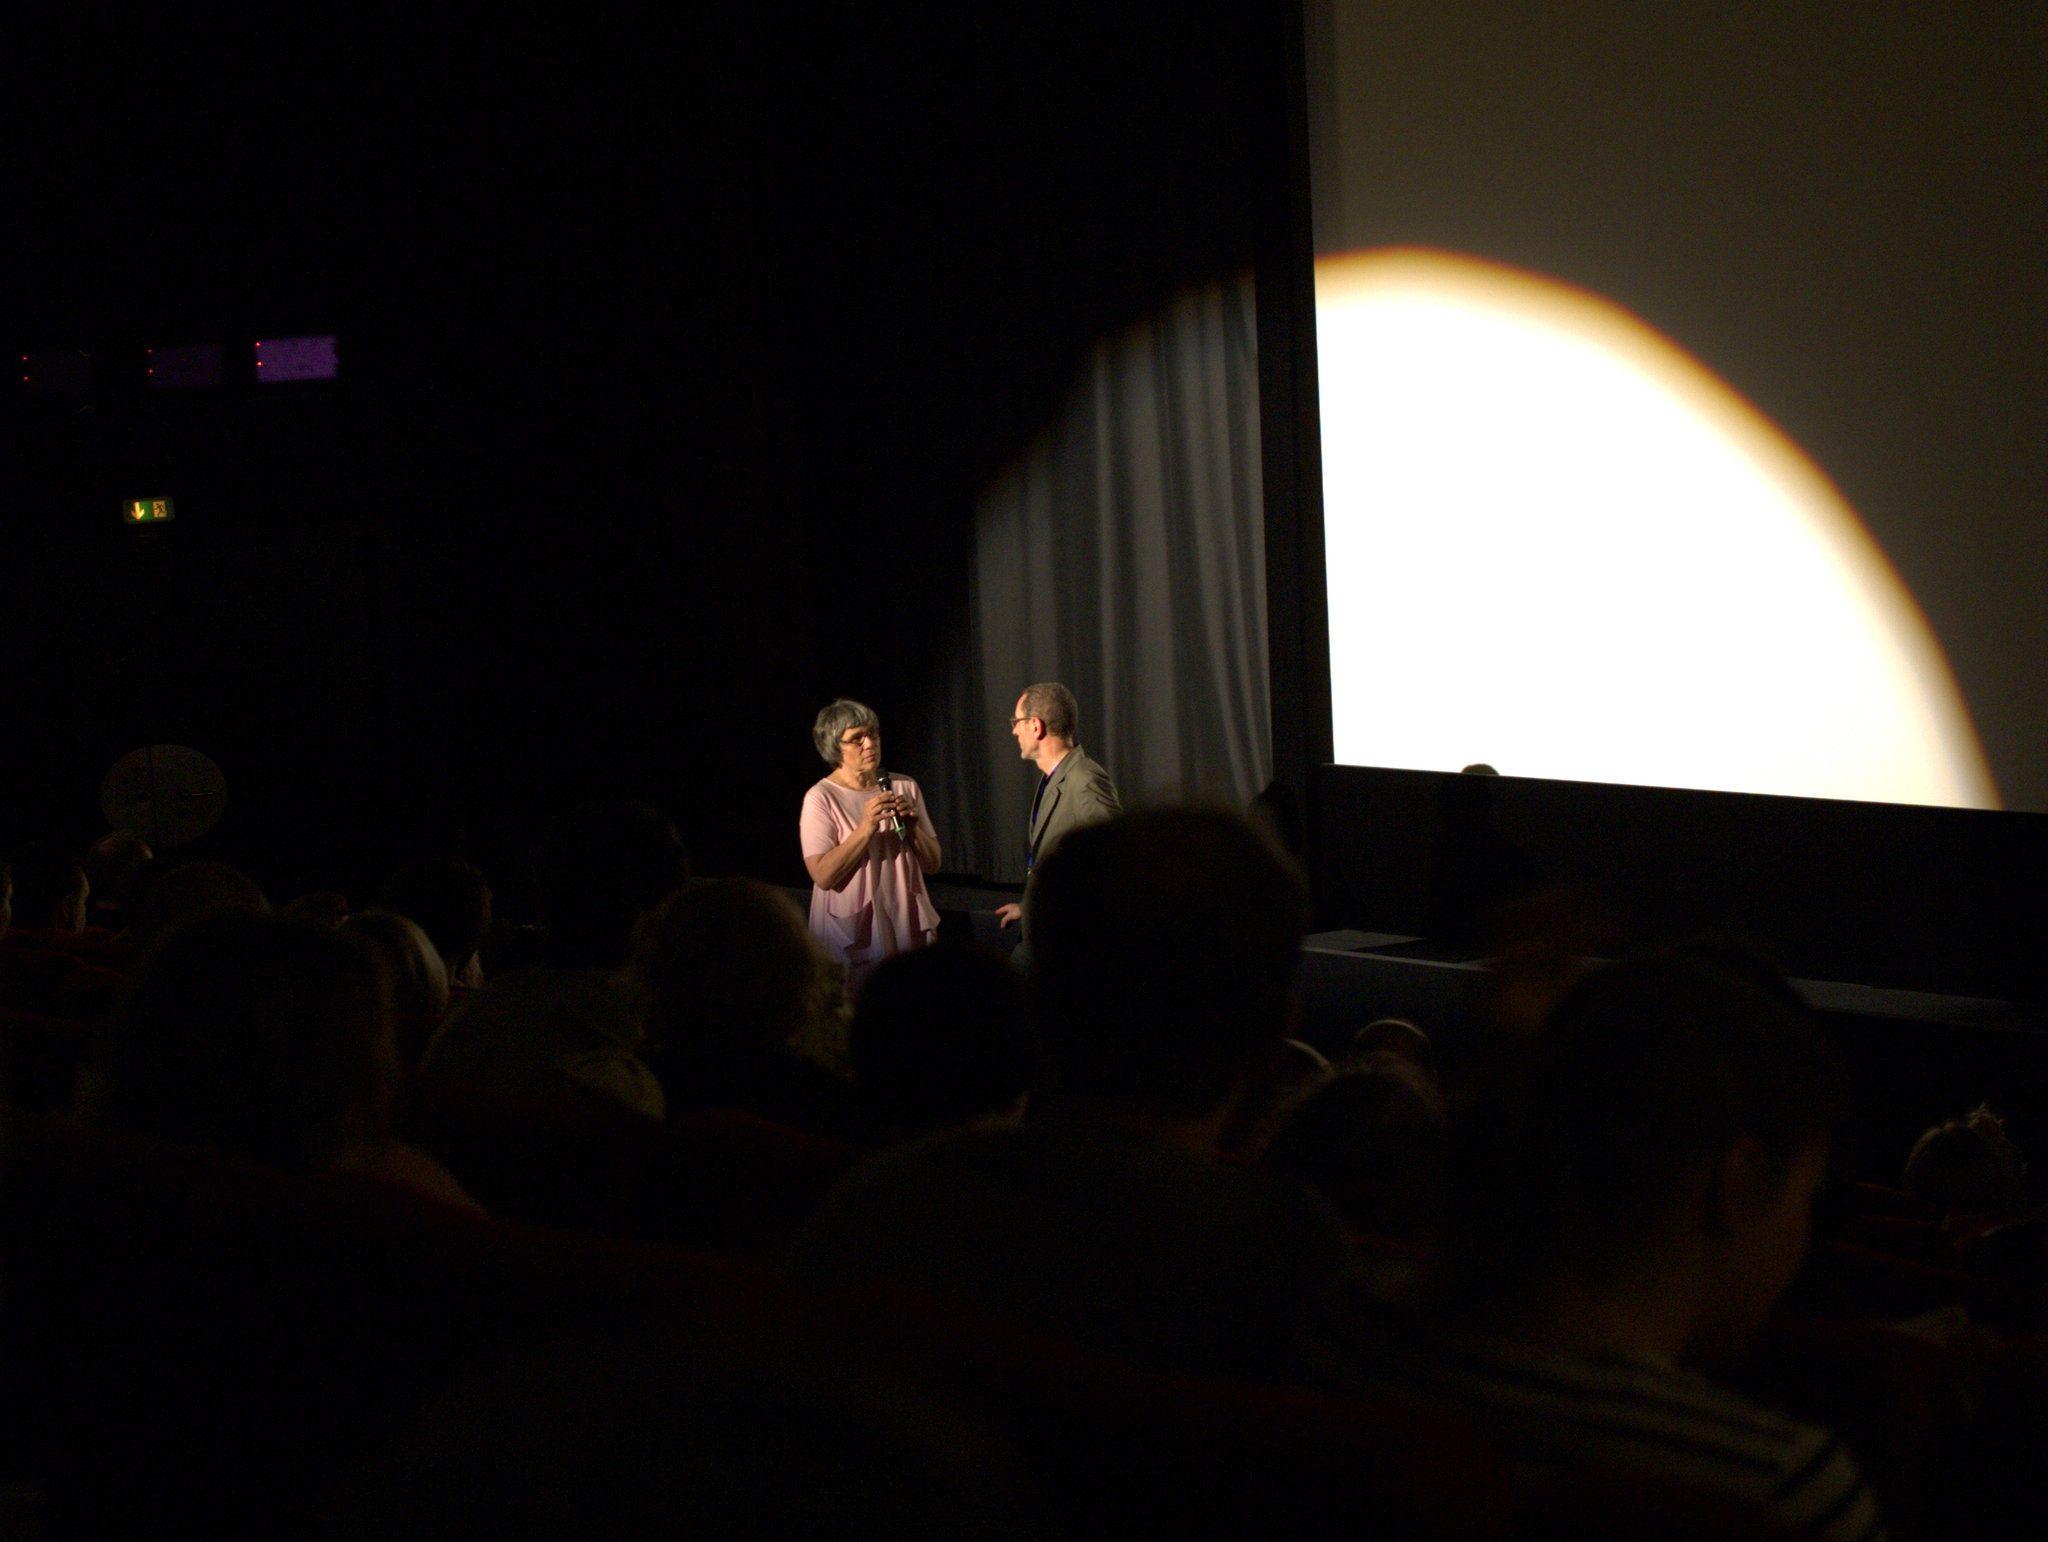 Die Filmemacher erzählen jeweils kurz über ihr Werk, bevor's losgeht.